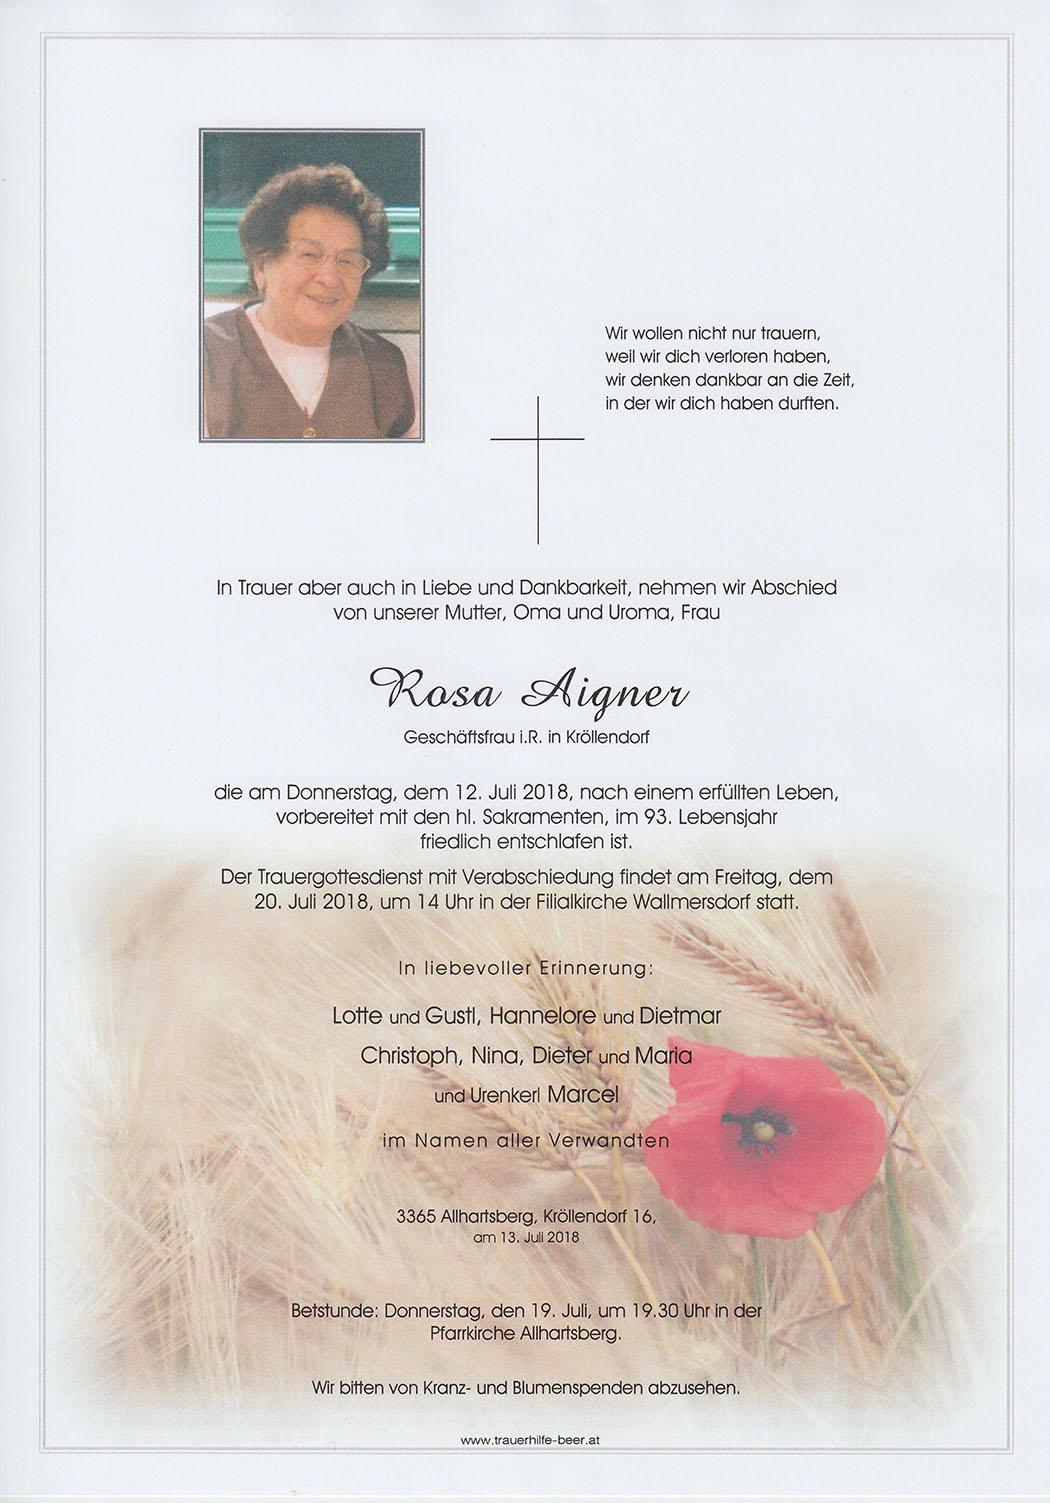 Rosa Aigner